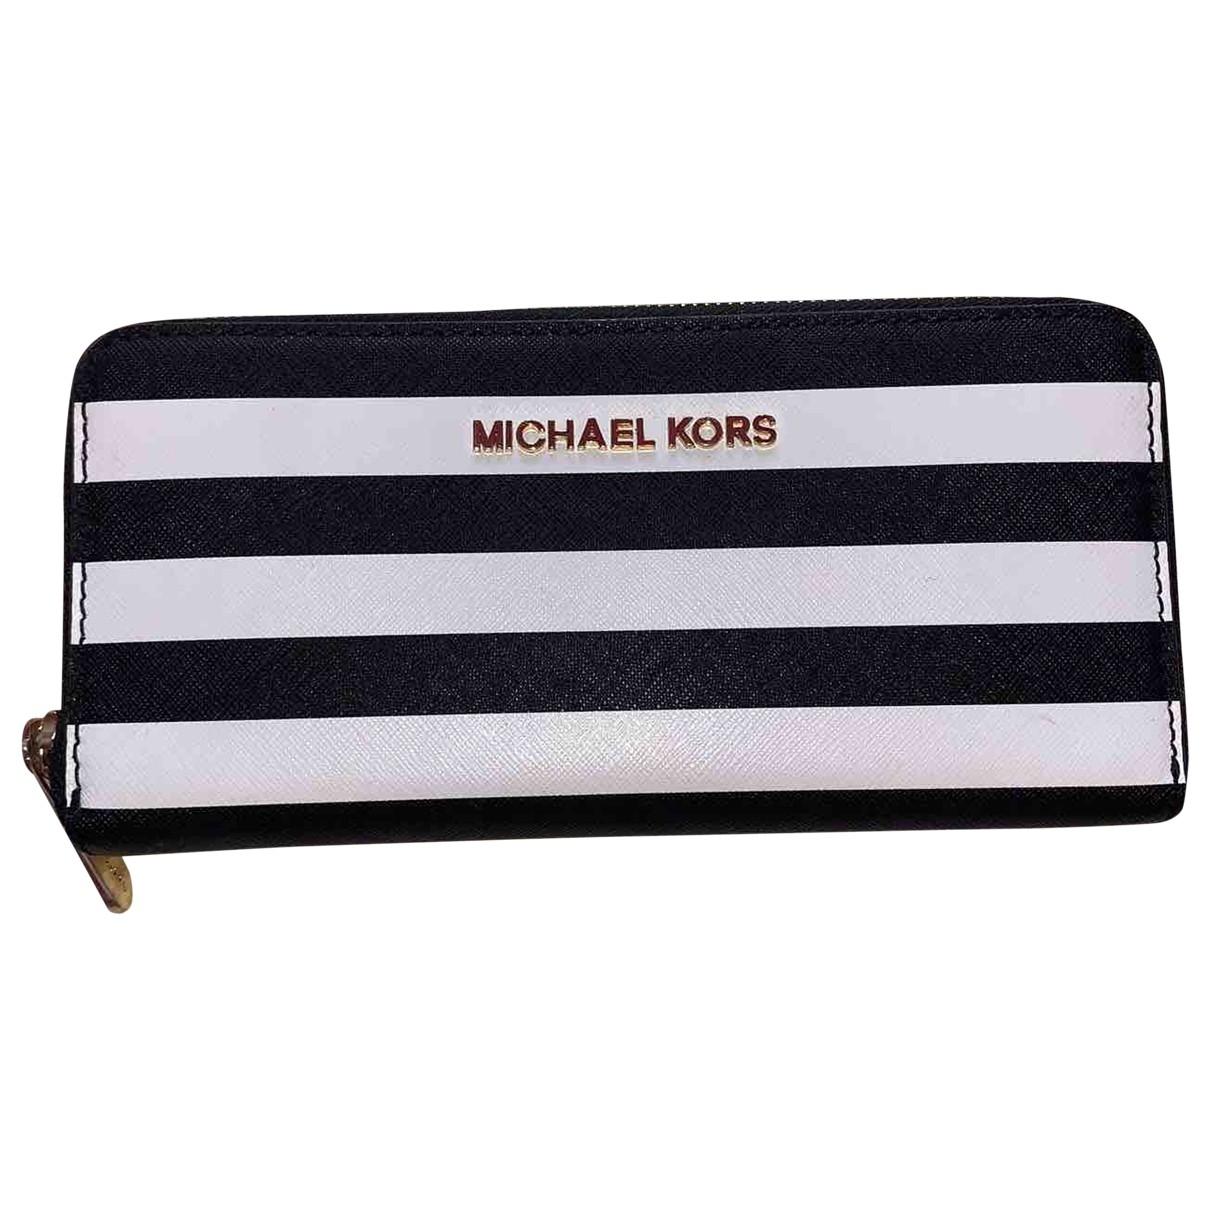 Michael Kors - Portefeuille Jet Set pour femme en cuir